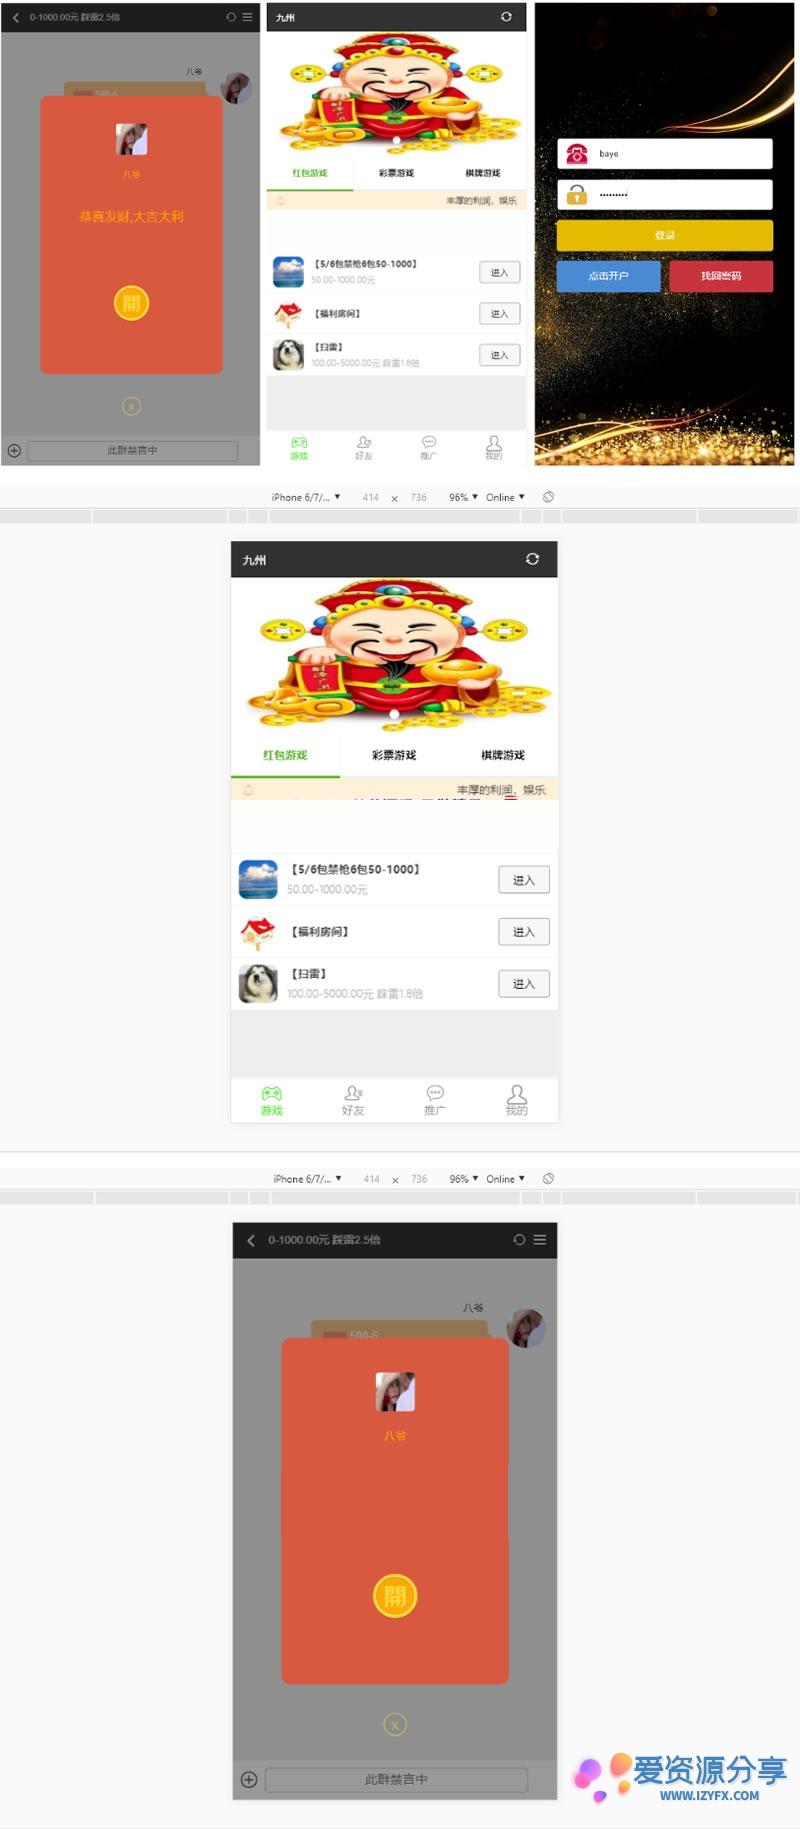 九州娱乐九州红包扫雷源码全数据全功能完美运营版-爱资源分享